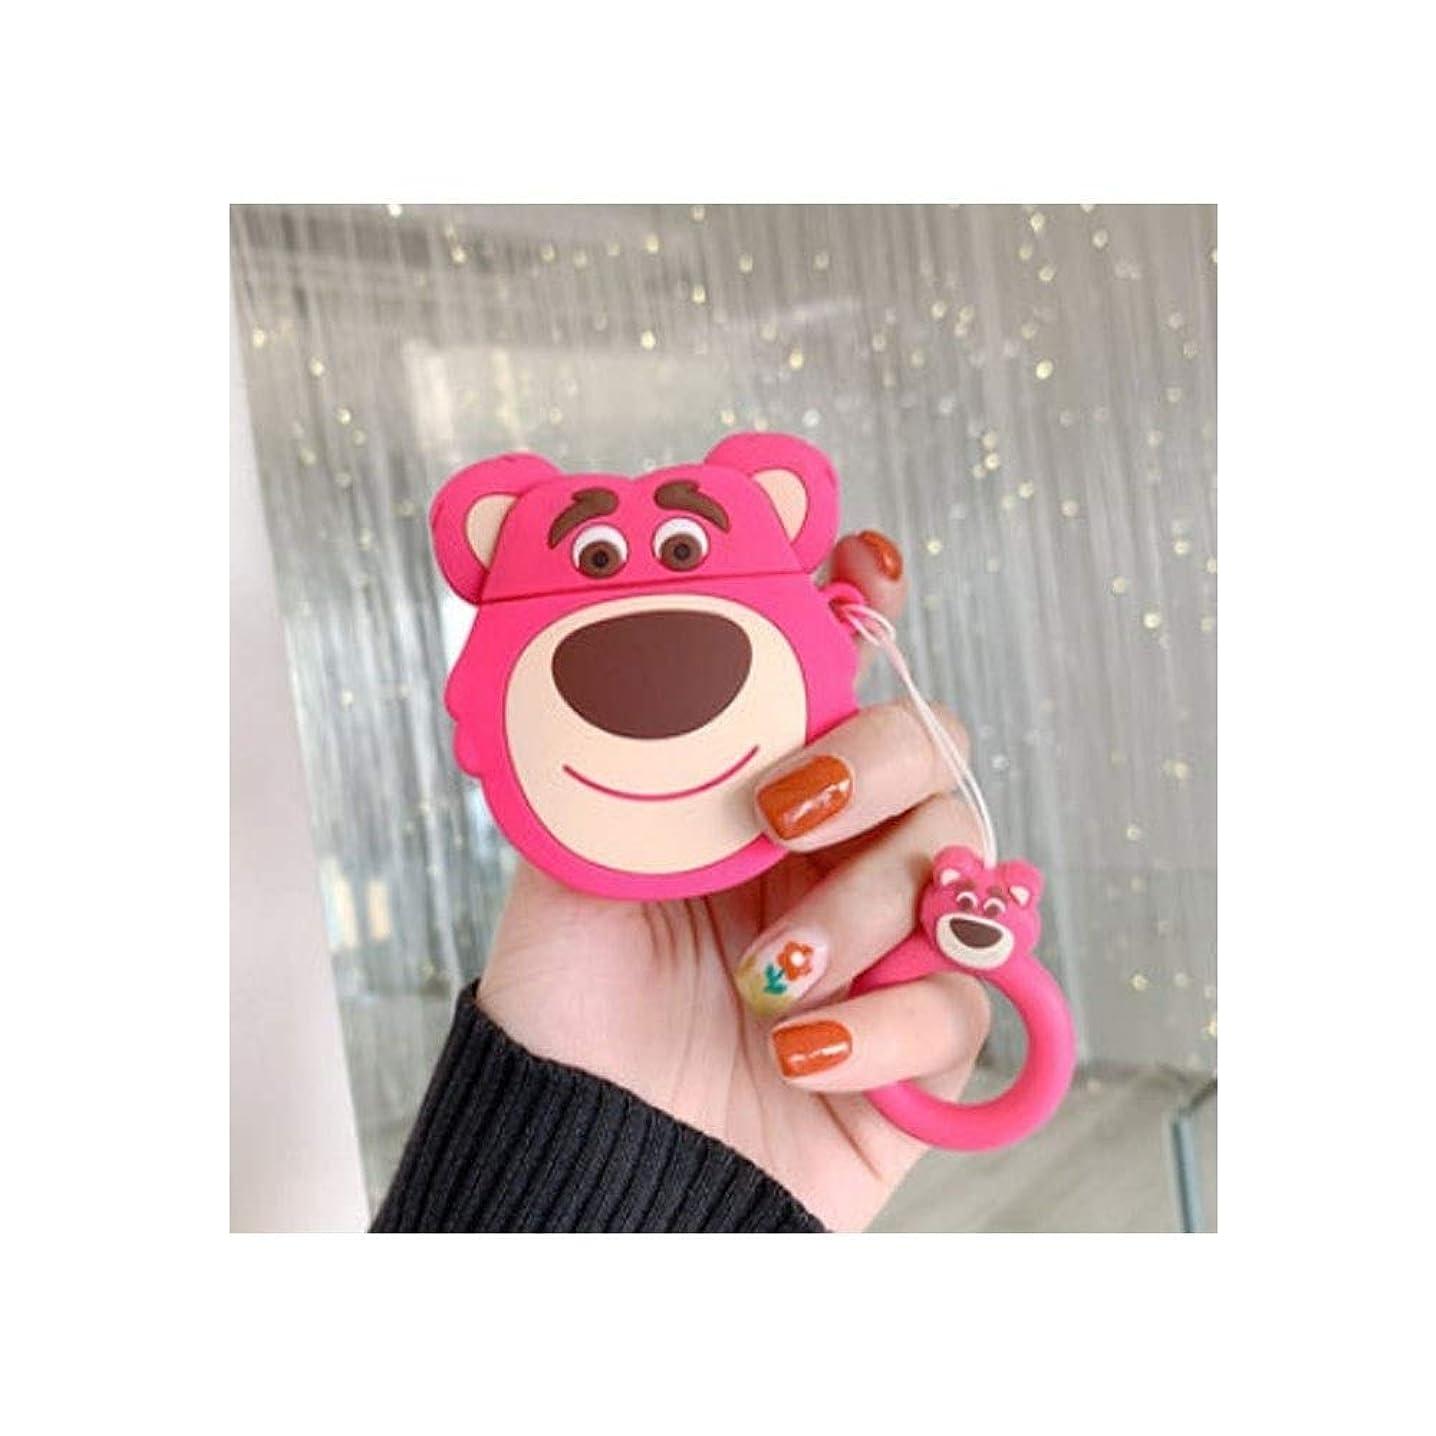 差し控える差し控えるリマKaiyitong001 Airpodsシリコーン防滴型ワイヤレスヘッドセット収納ボックス用ヘッドフォンカバー、ピンク ファッション (Color : Pink)